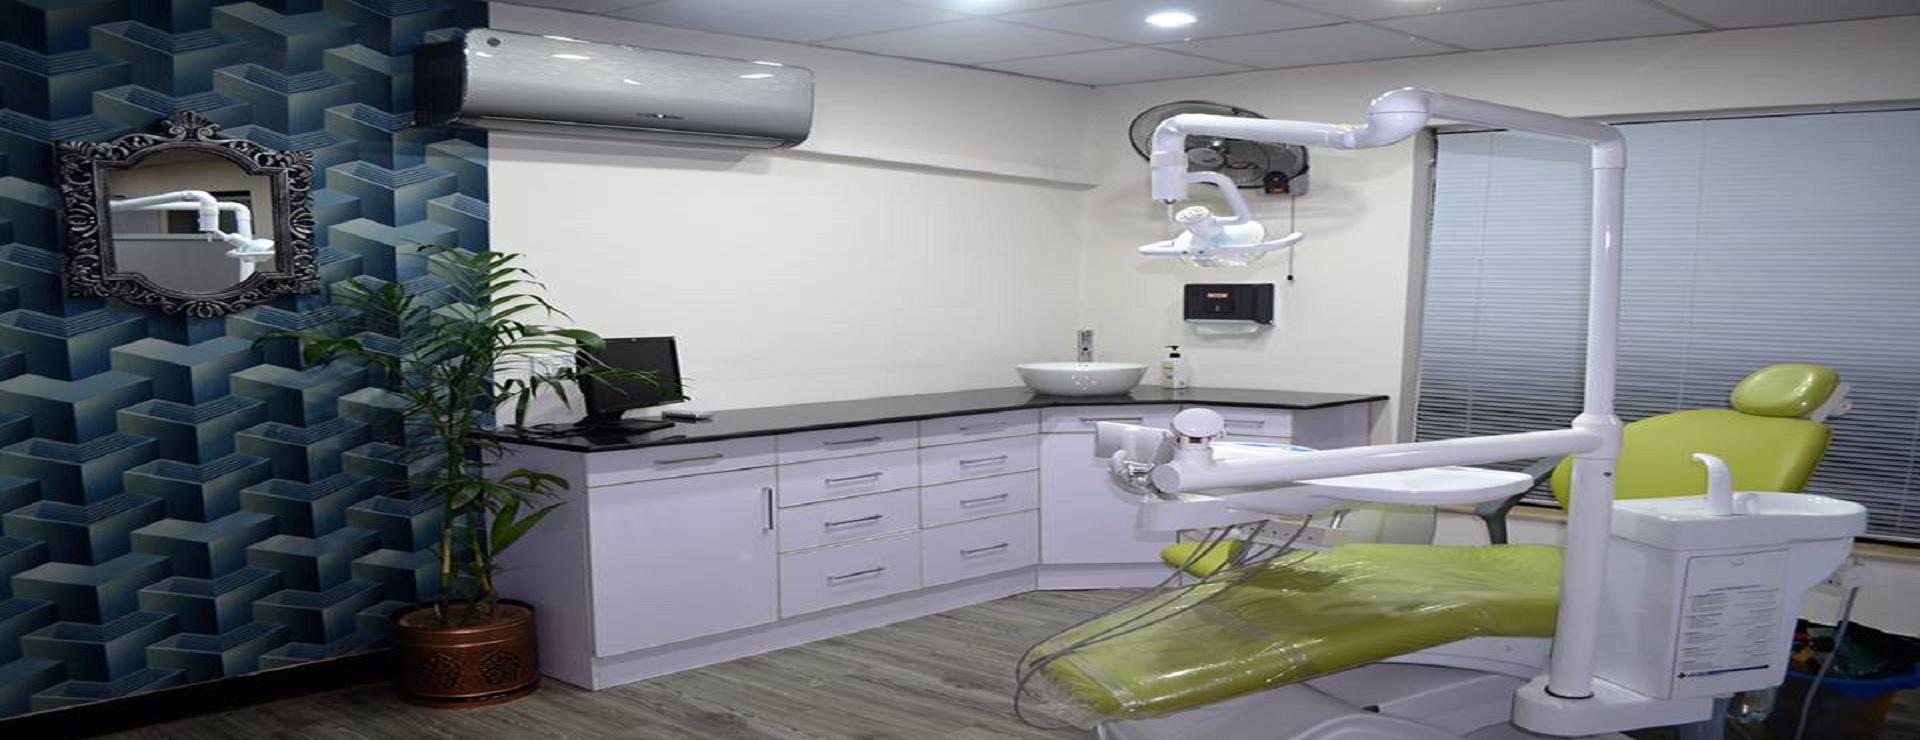 Odontocare cover